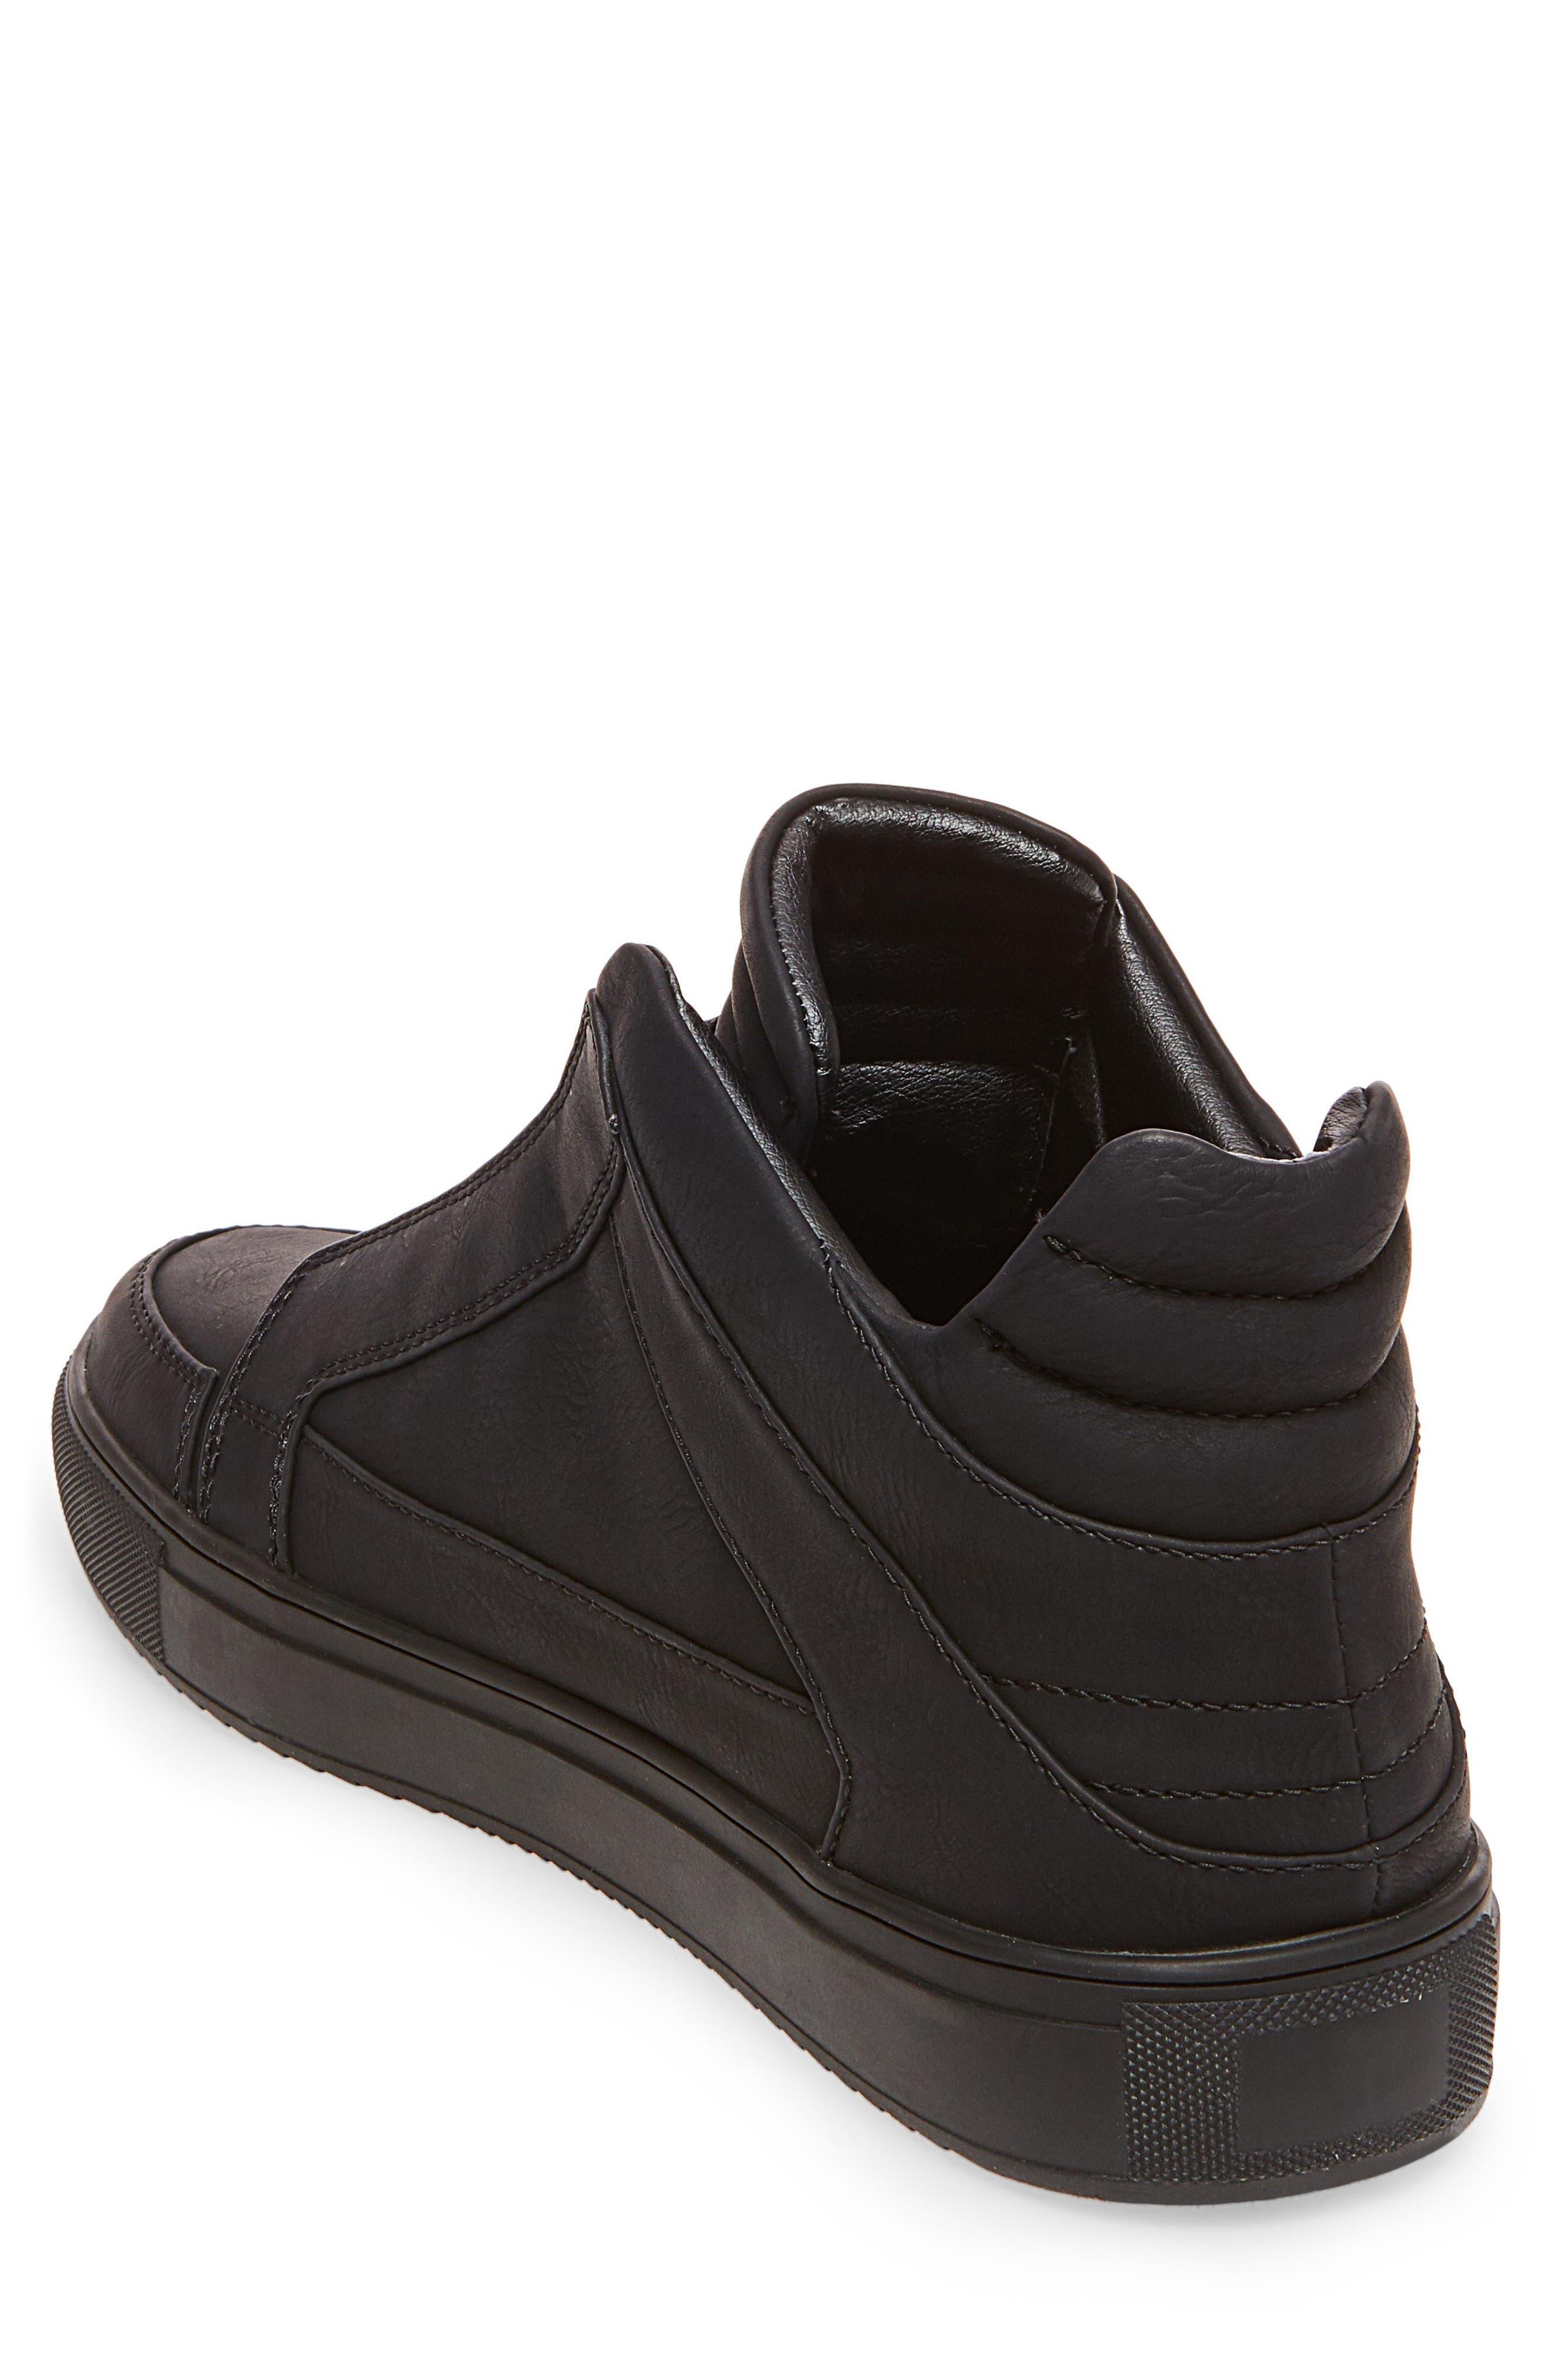 Defstar Sneaker,                             Alternate thumbnail 2, color,                             001